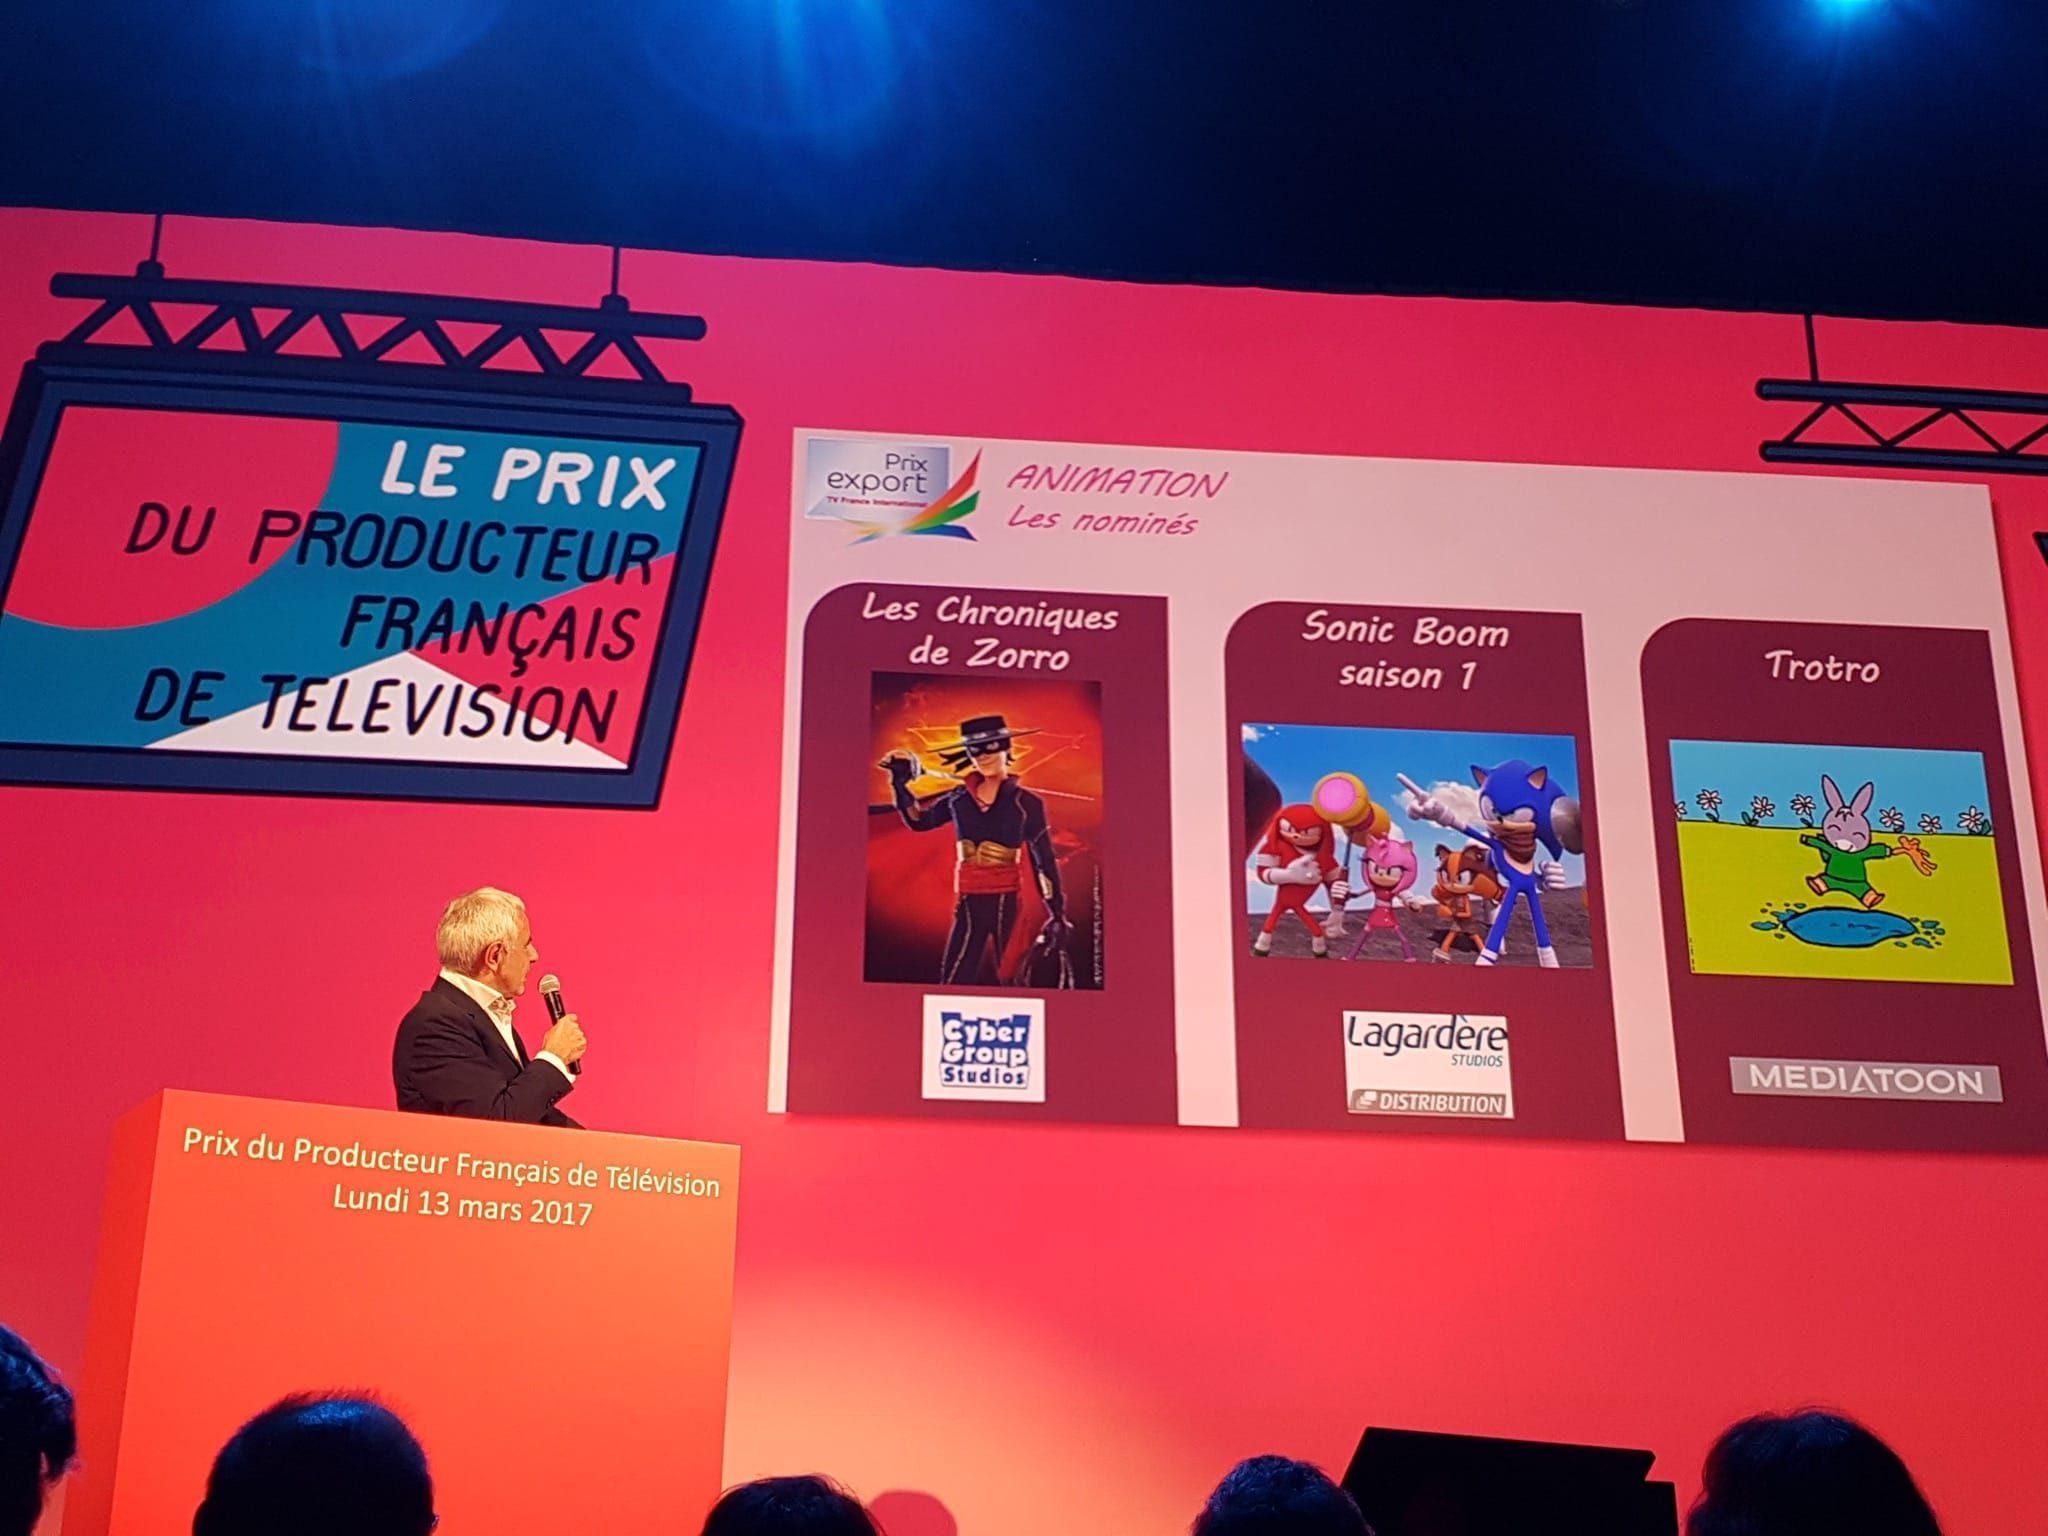 Prix du producteur français de télévision 2017 image 7